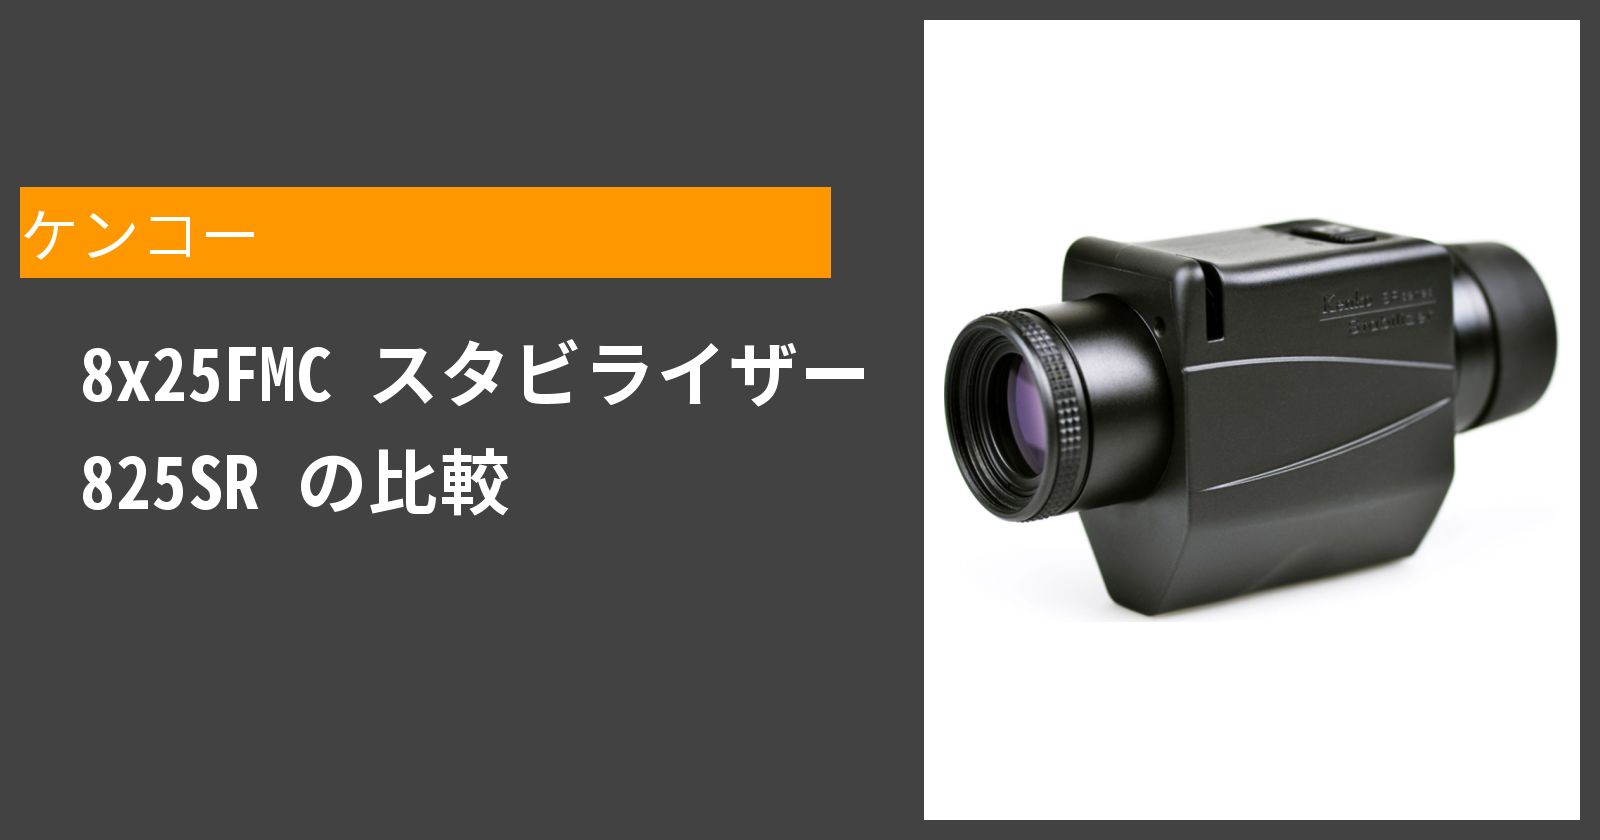 8x25FMC スタビライザー 825SRを徹底評価